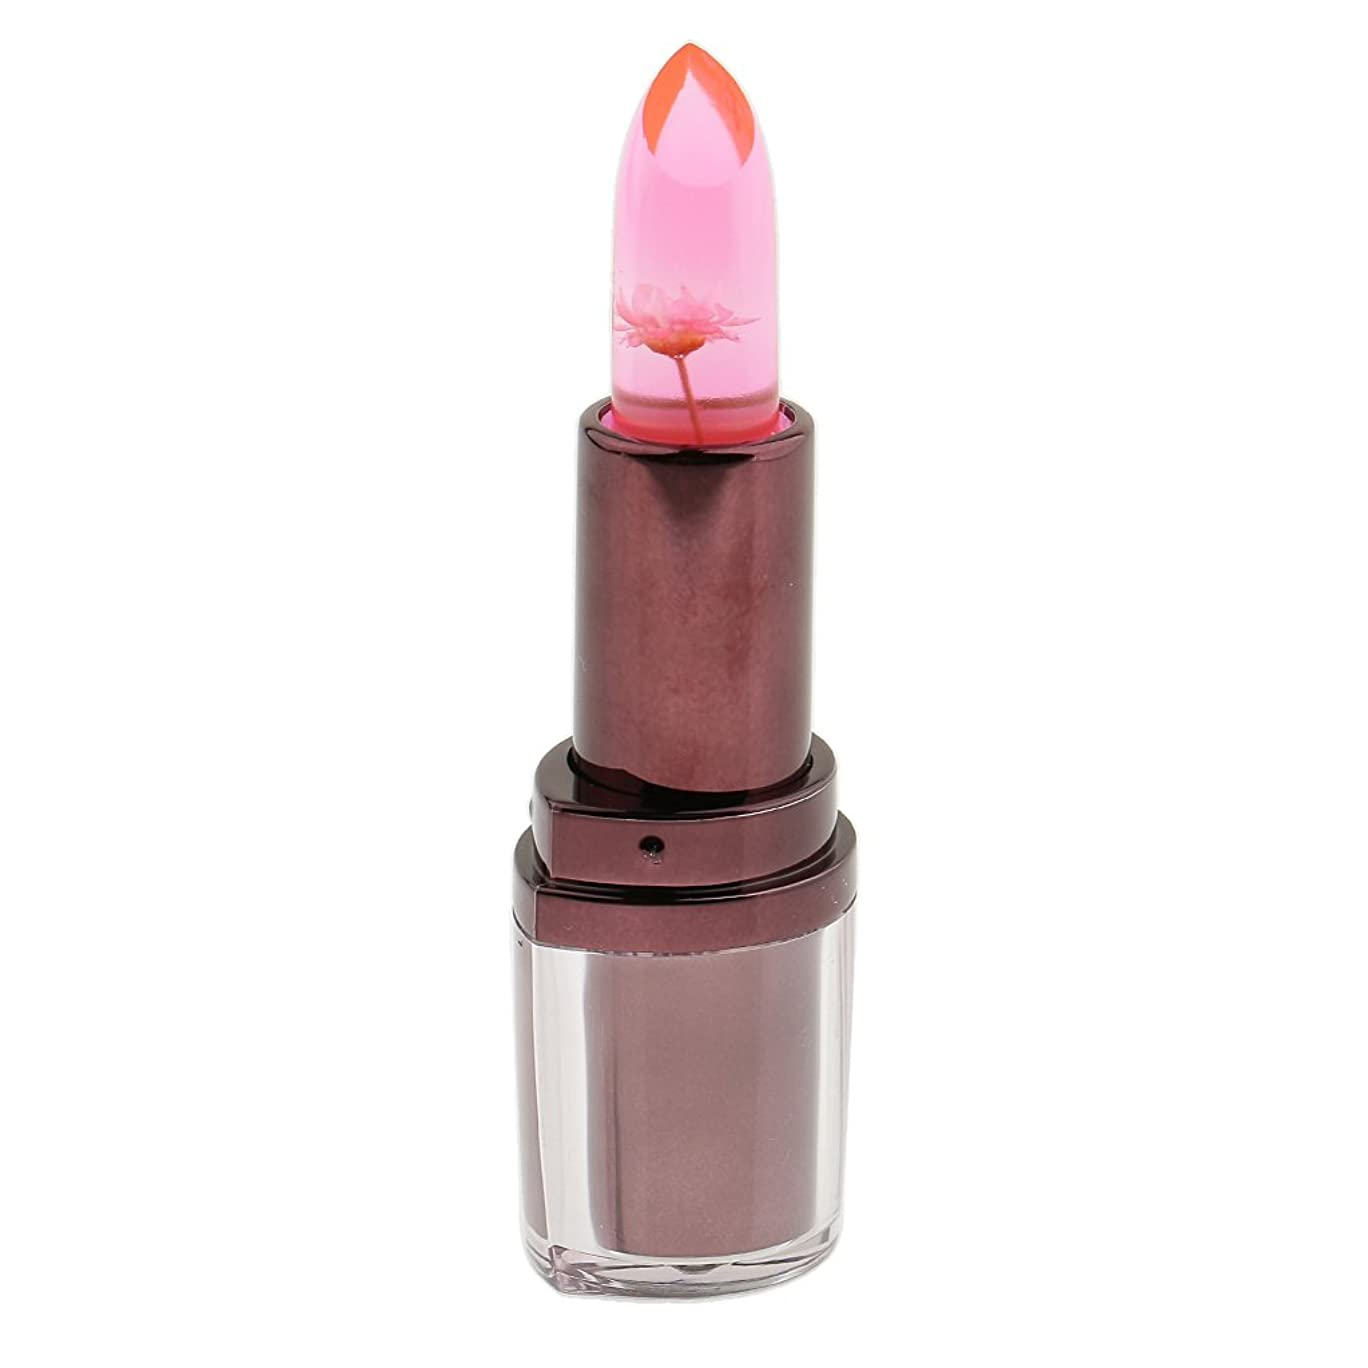 取るに足らない北へ無効にするPerfk ギフト 女性 フラワーゼリー  リップスティック モイスチャライジング リップ グロス 体温より独特唇色 全4色 - タイプ4